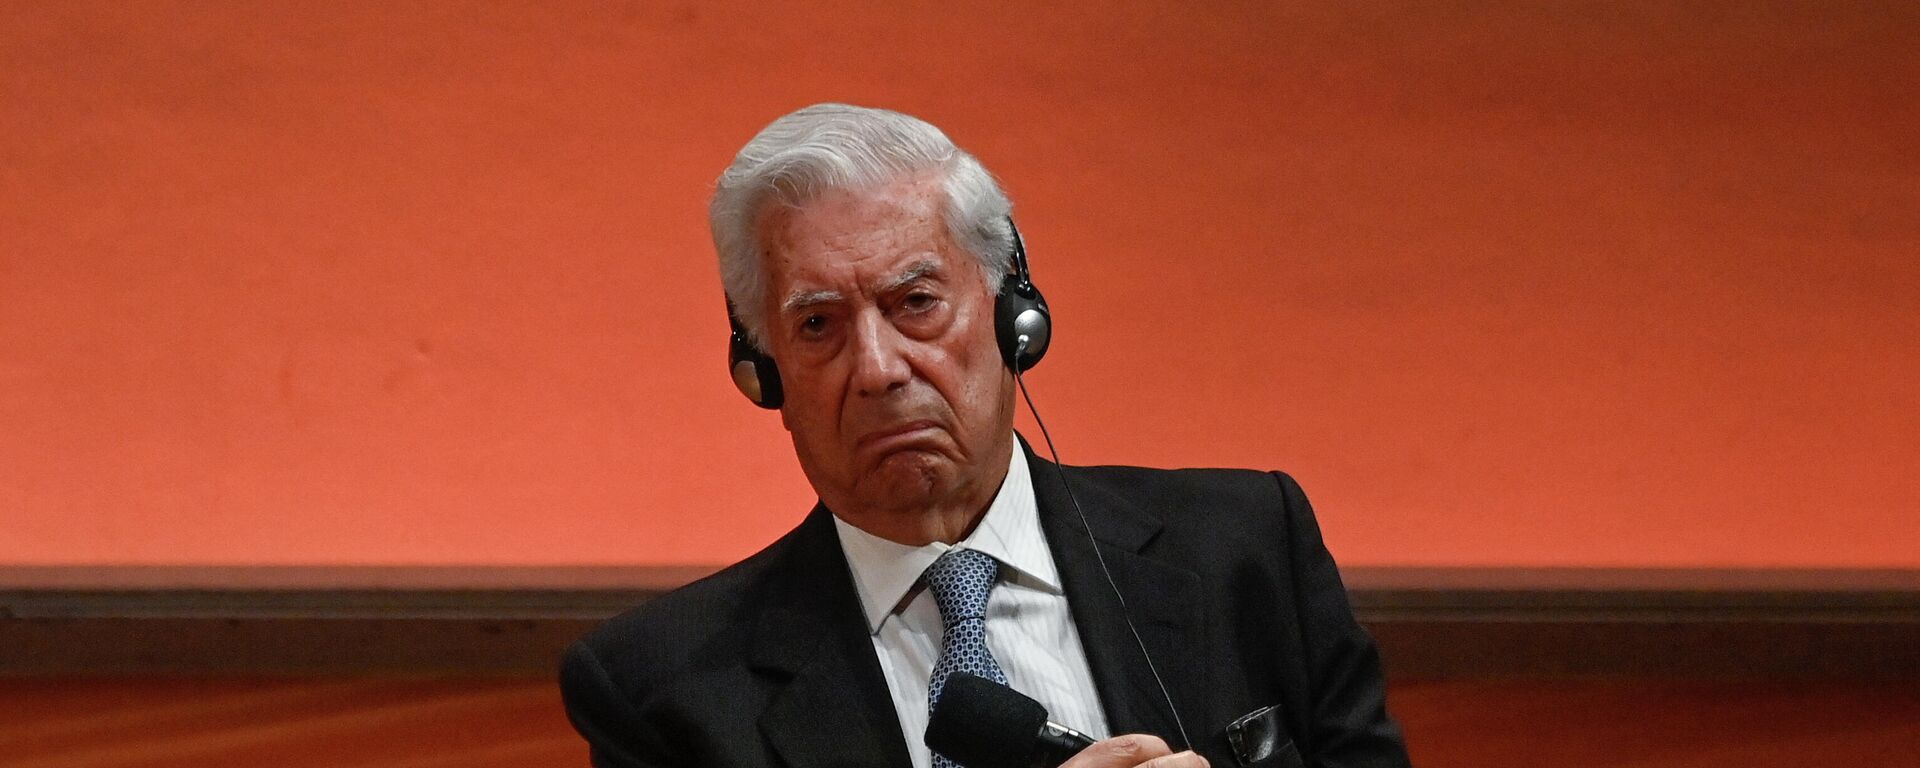 Mario Vargas Llosa, escritor - Sputnik Mundo, 1920, 23.09.2021